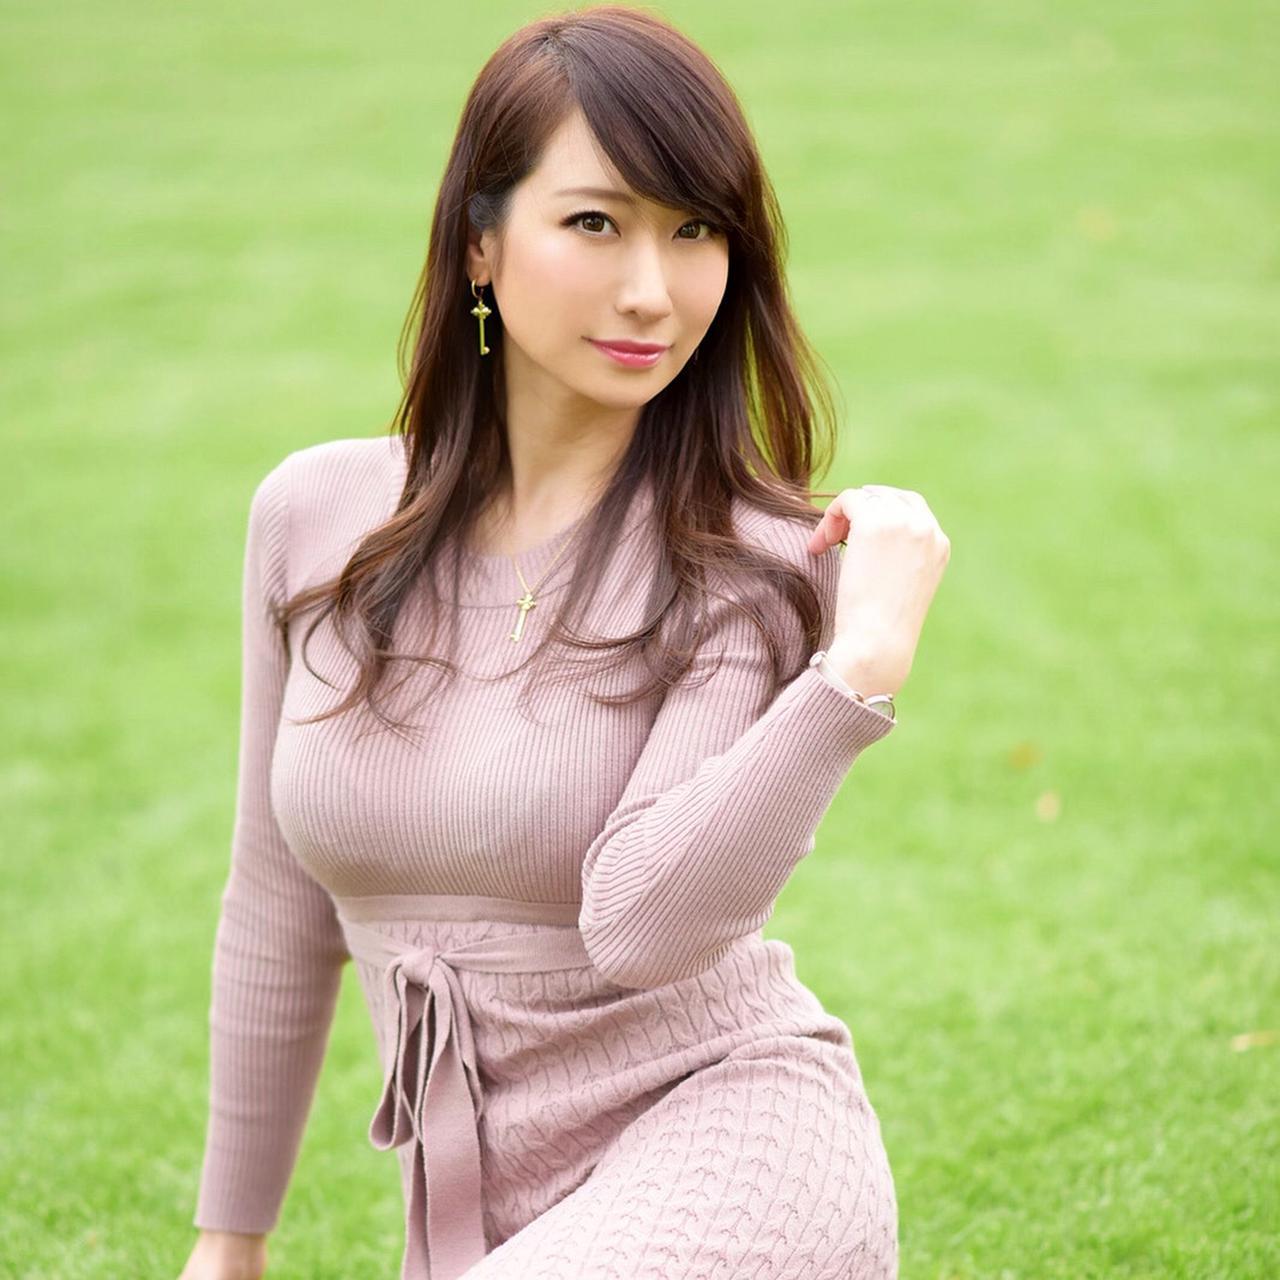 画像: コンラッド東京が贈る、光り輝く初夏のアフタヌーンティー